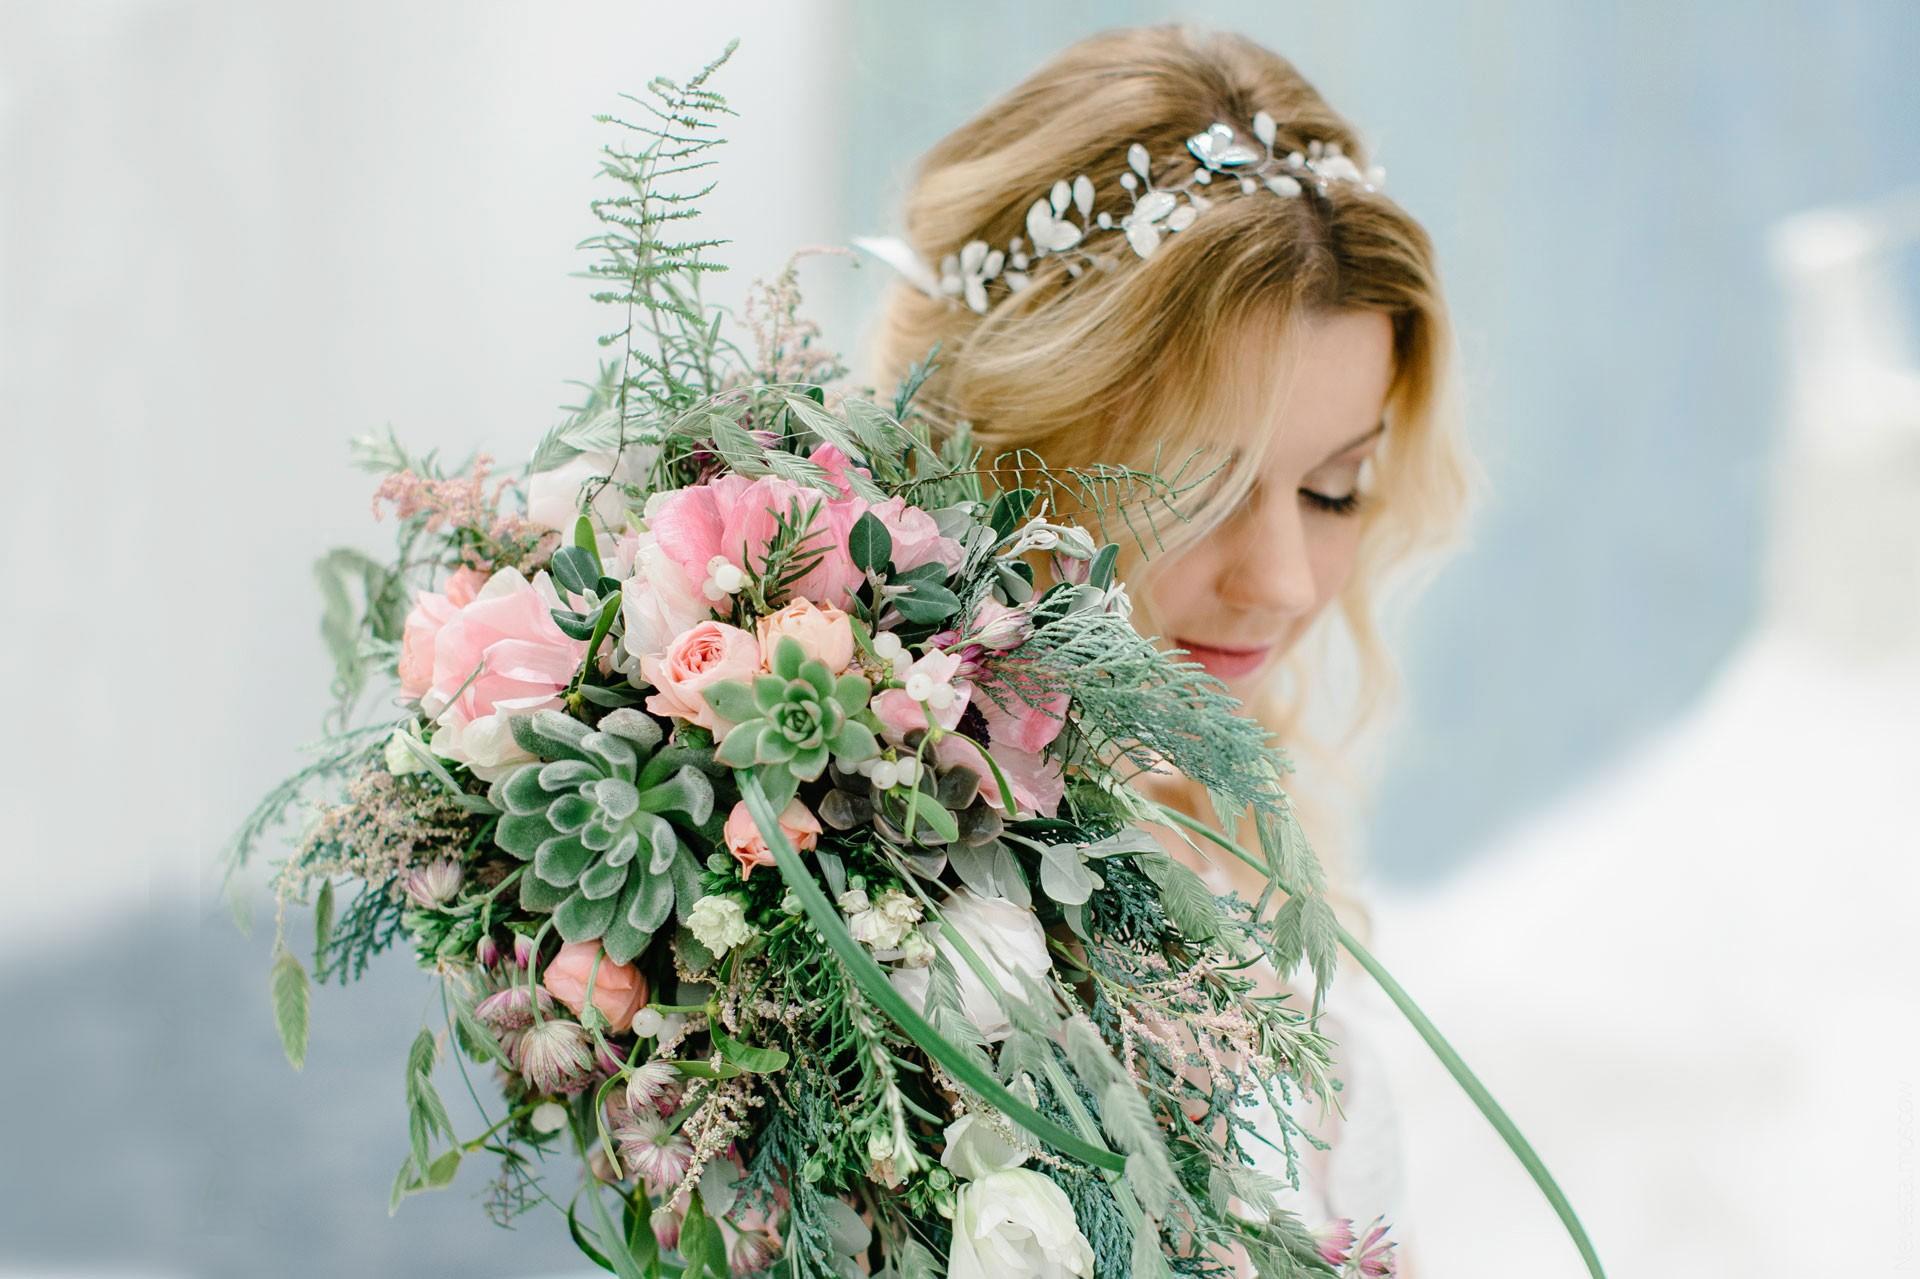 Юлианна Караулова примеряет образ для весенней свадьбы фото 11